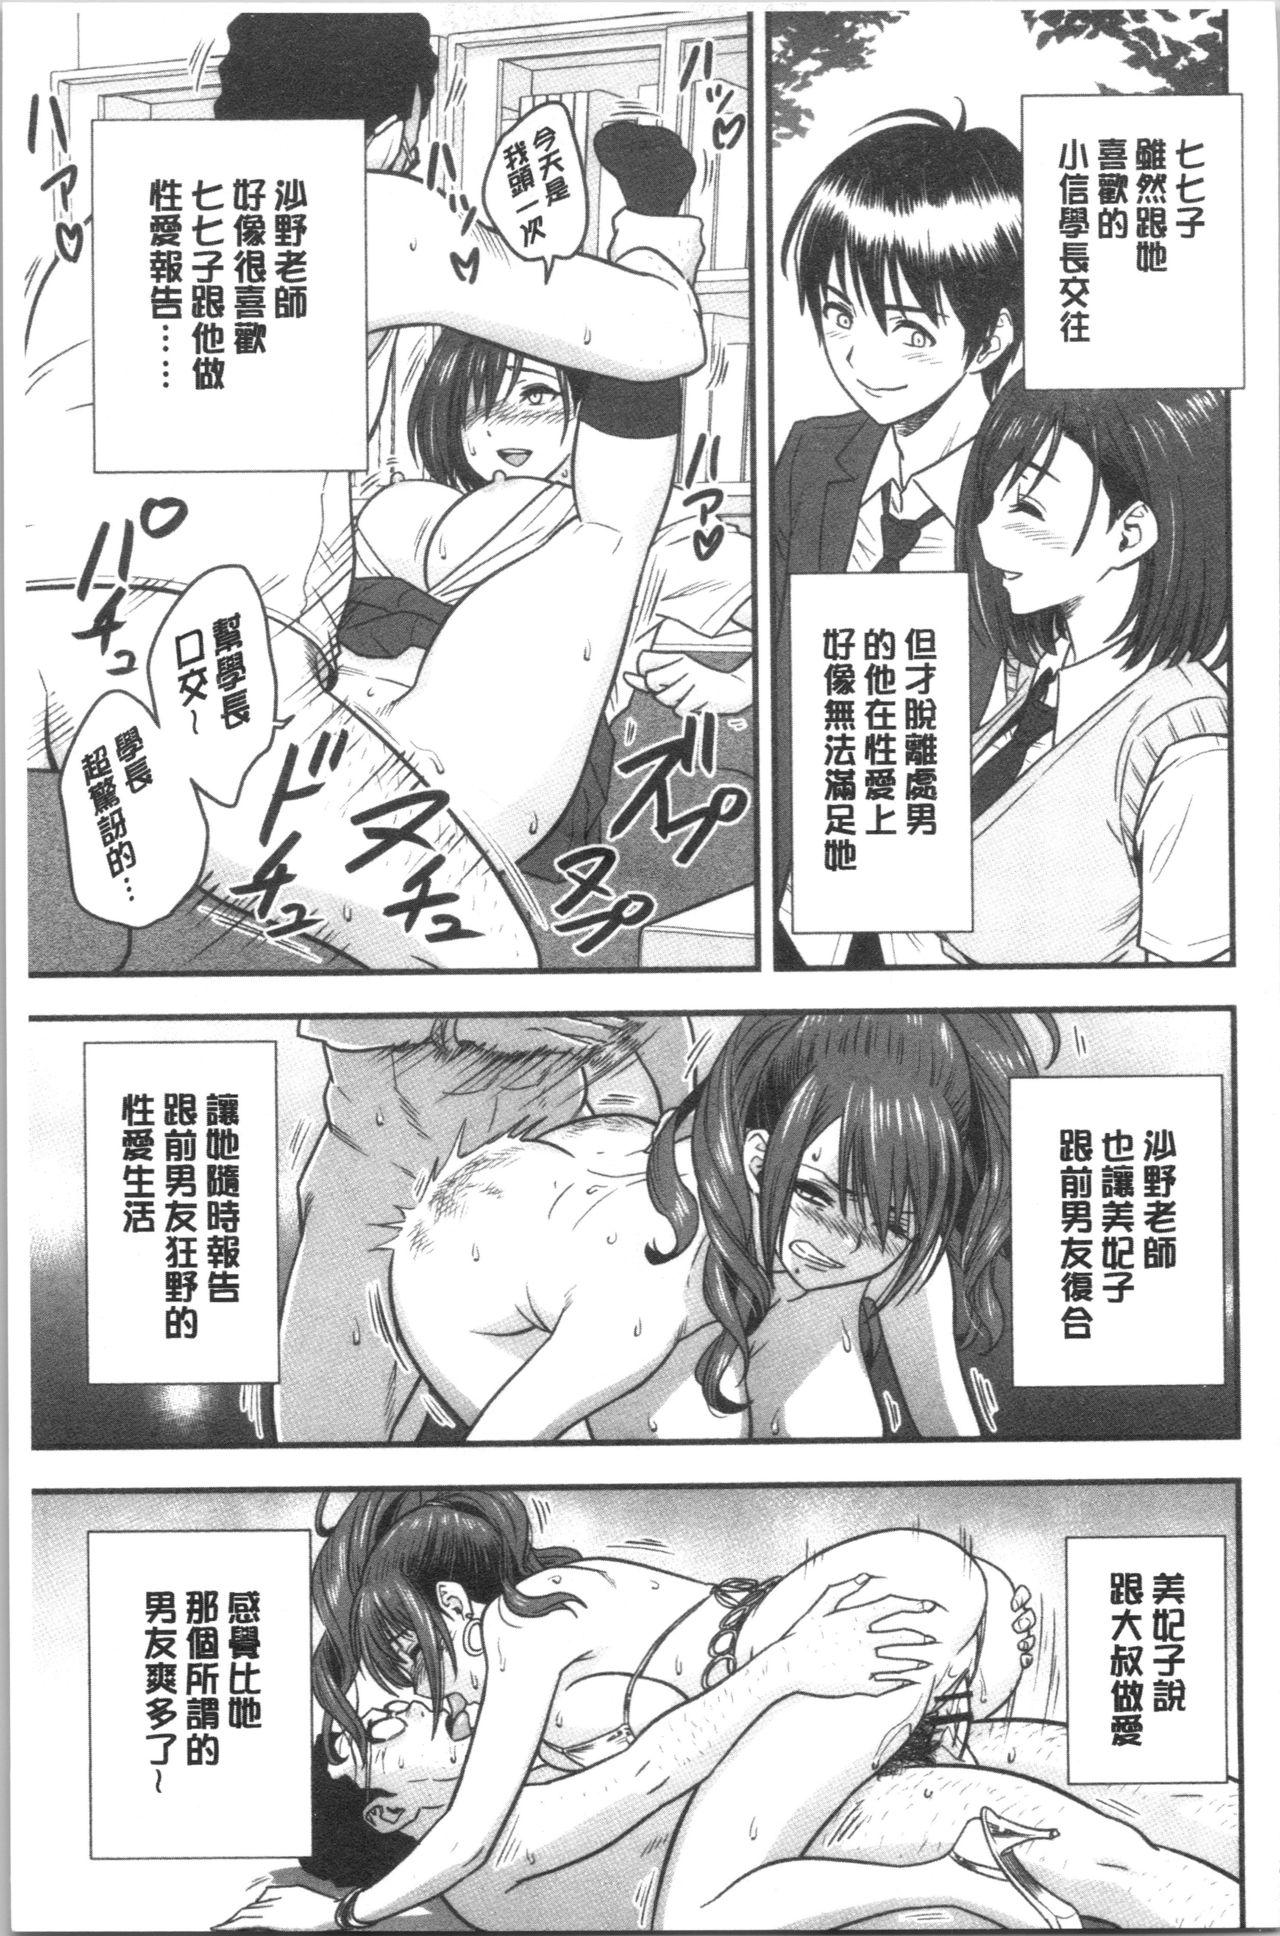 [Tatsunami Youtoku] Dankon Sousai -Hitozuma Kyoushi ga Netorareru made no Kiroku- | 男根想妻 -人妻女教師被寢取偷吃為止的記錄- [Chinese] 209